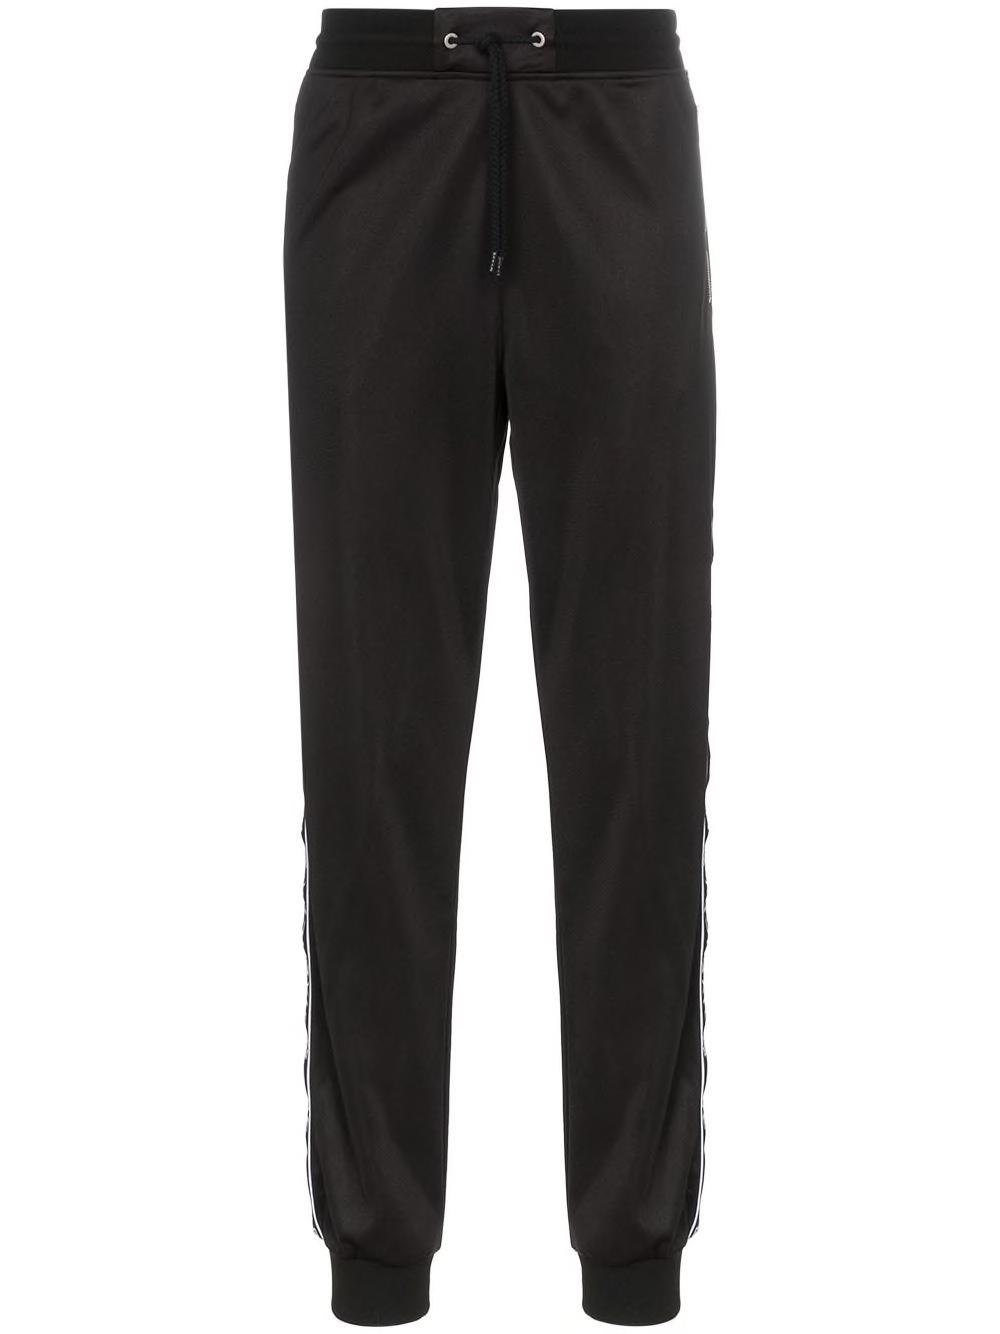 pantalon-givenchy.jpg